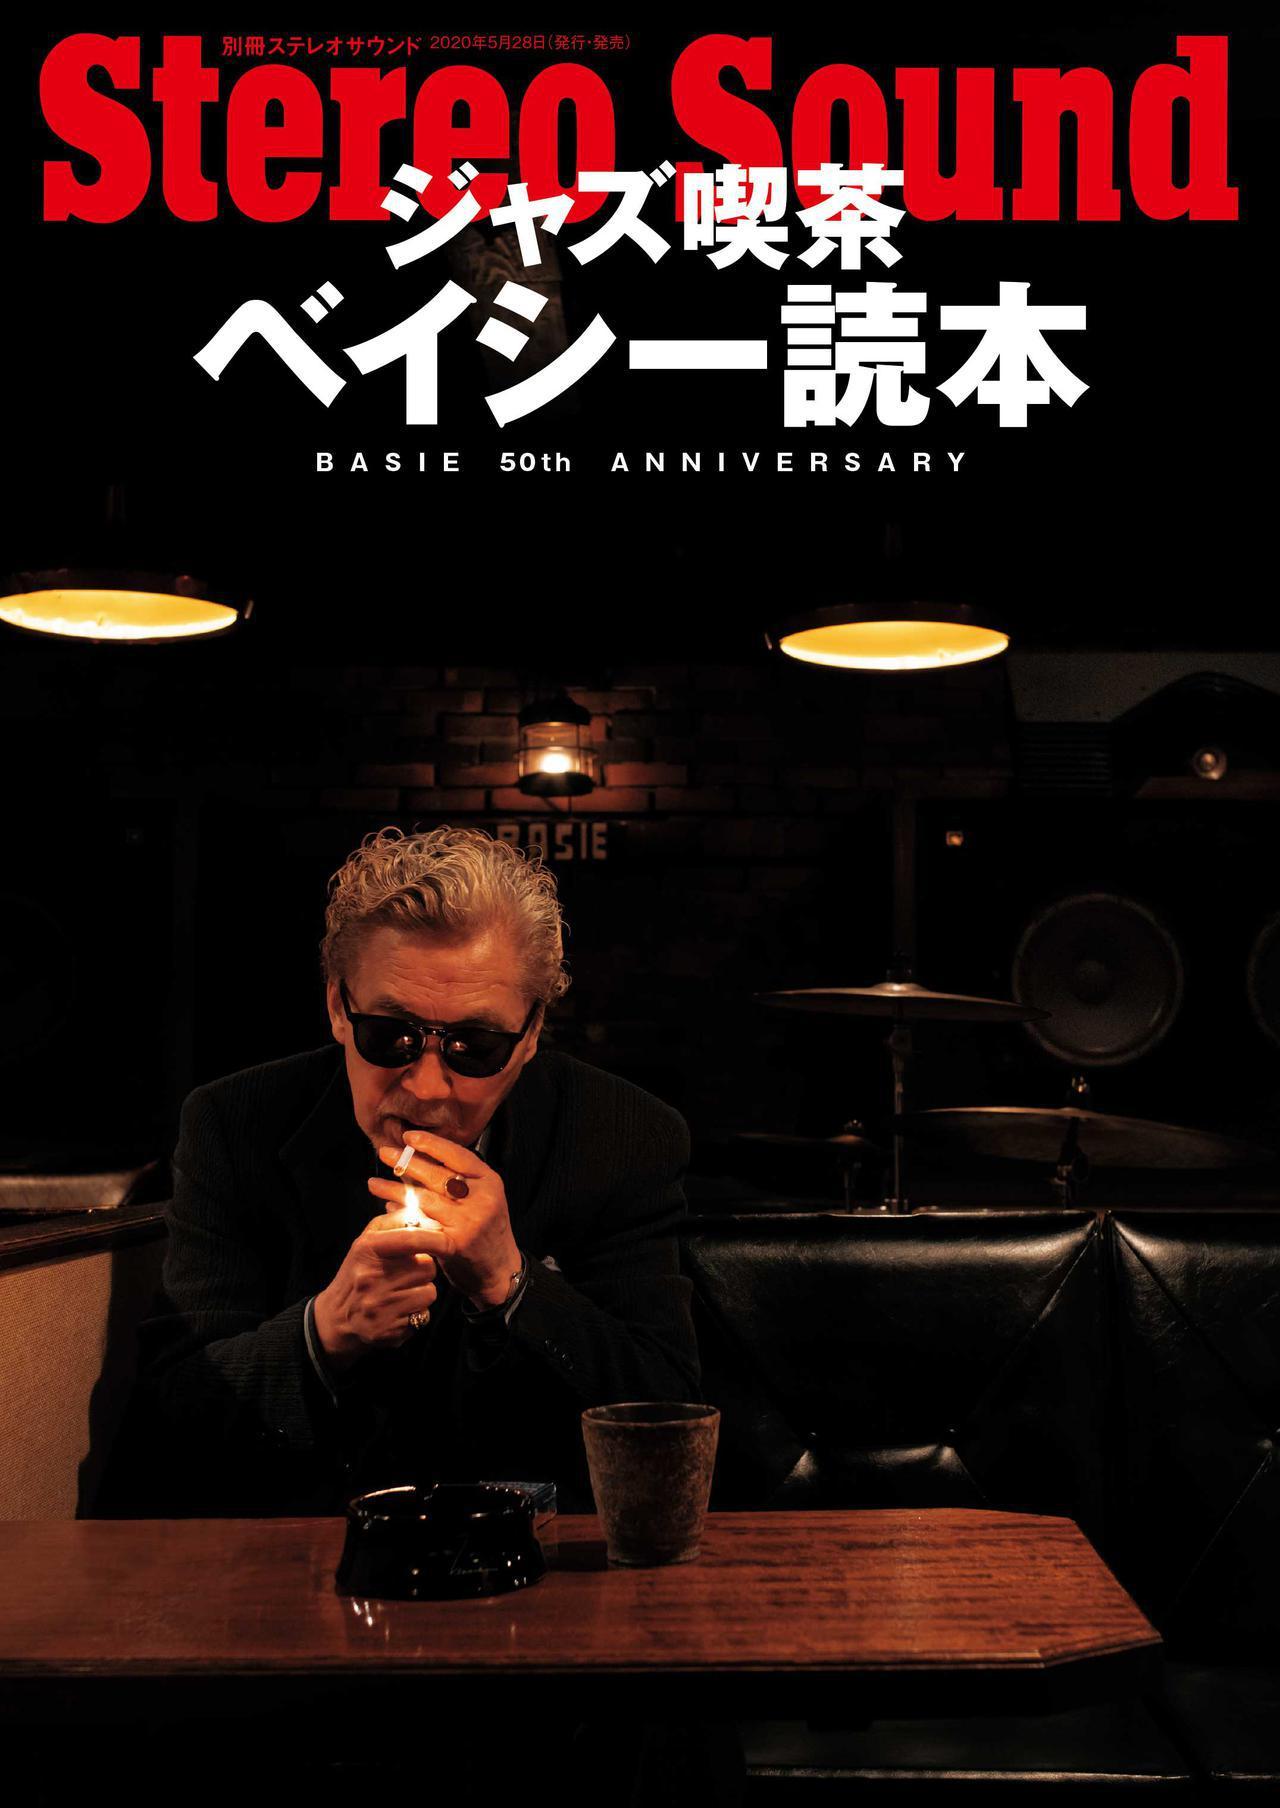 画像: 開店50周年記念別冊「ジャズ喫茶ベイシー読本 BASIE 50th Anniversary」5月28日発売! - Stereo Sound ONLINE